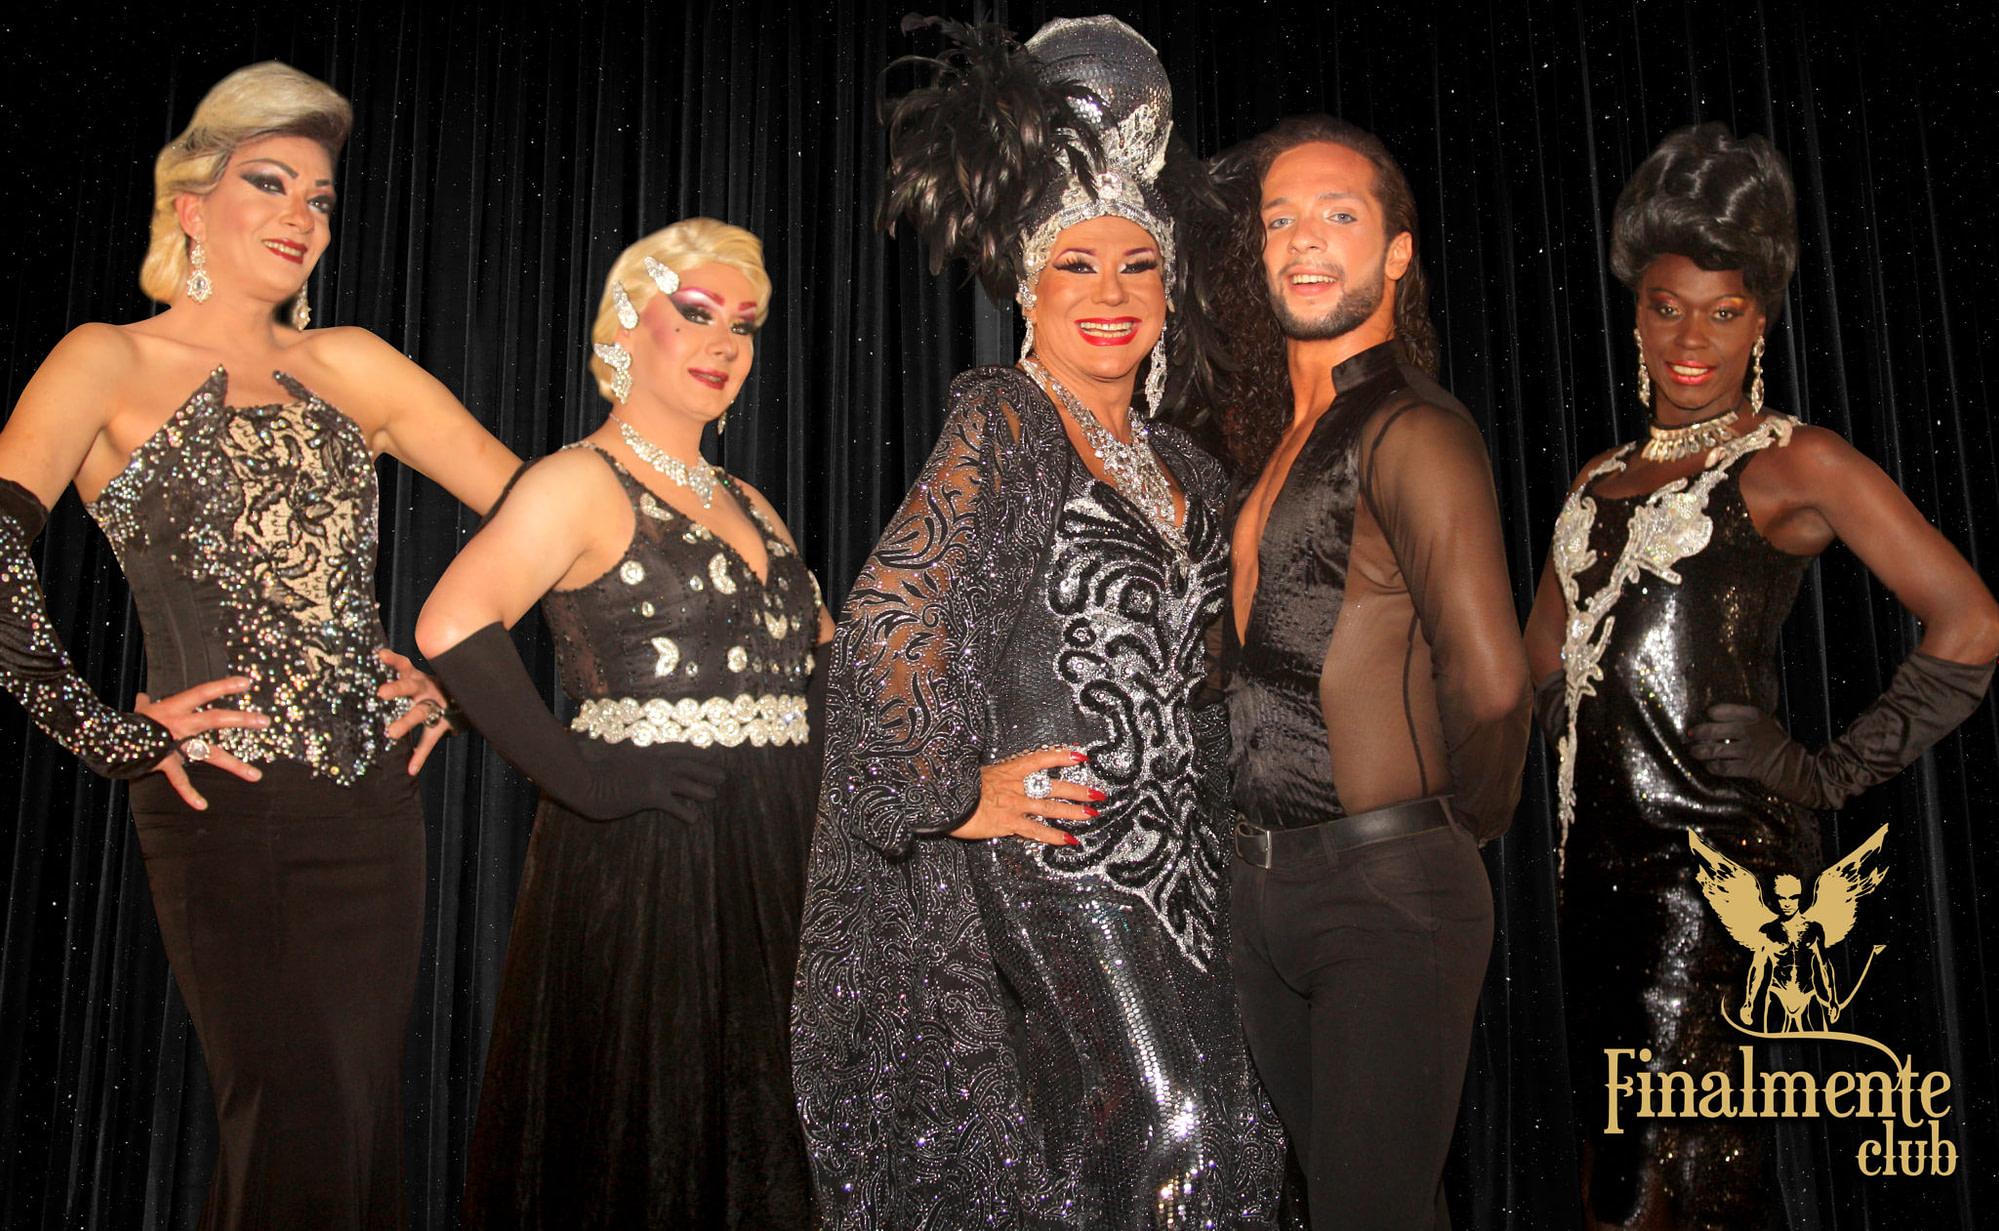 Le Finalmente club est la discothèque LGBT la plus ancienne de Lisbonne